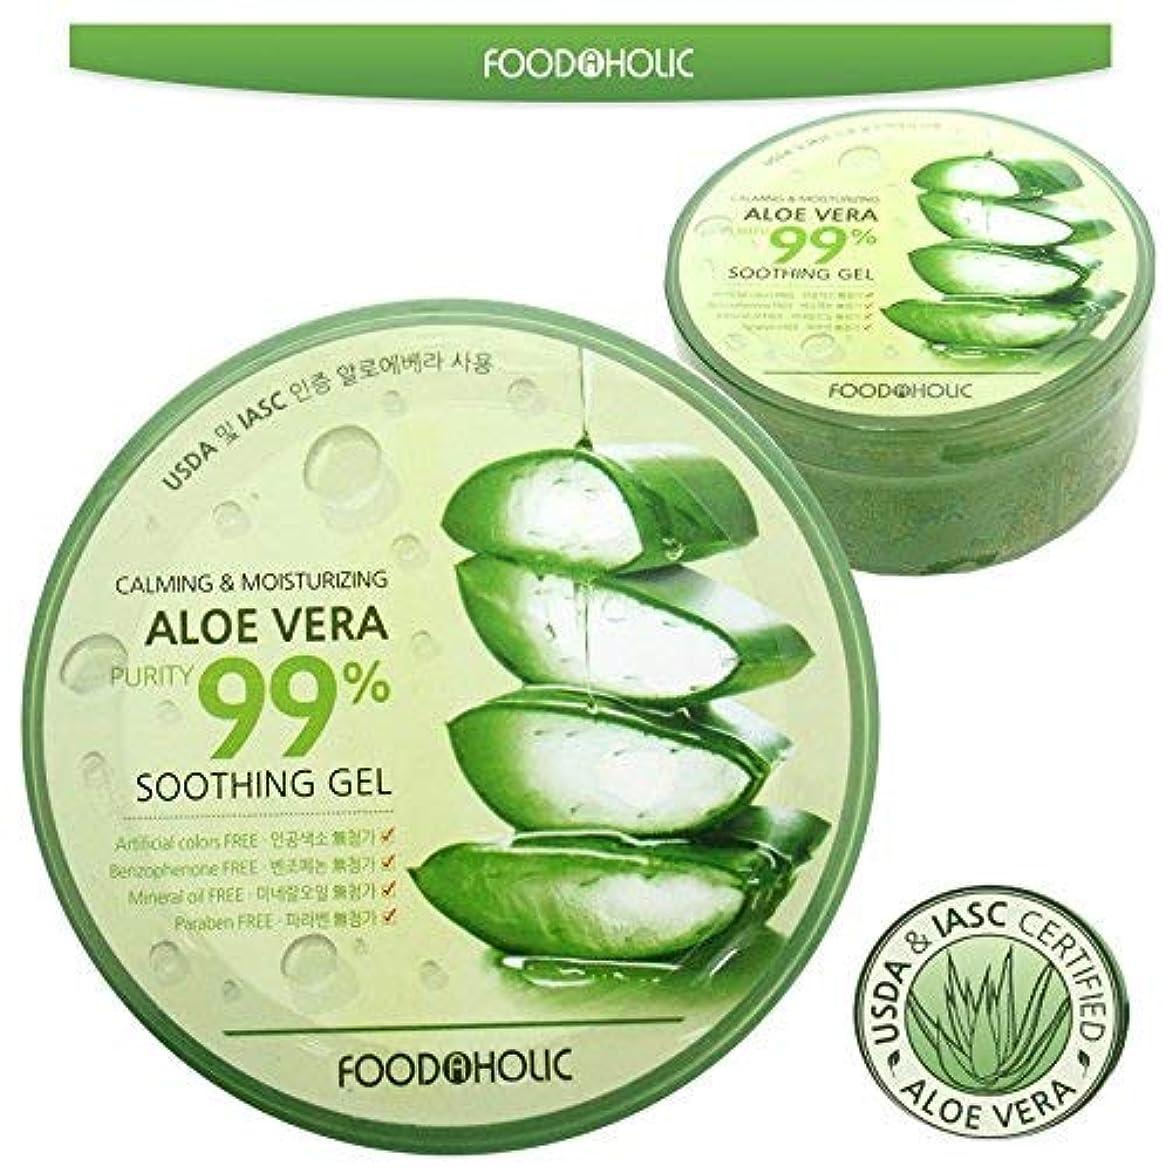 分注するやがてそれから[FOOD A HOLIC] 穏やかな&保湿アロエベラ純度は99%スージングジェル(300ml * 1EA) / Calming & Moisturizing Aloe Vera Purity 99% Soothing...